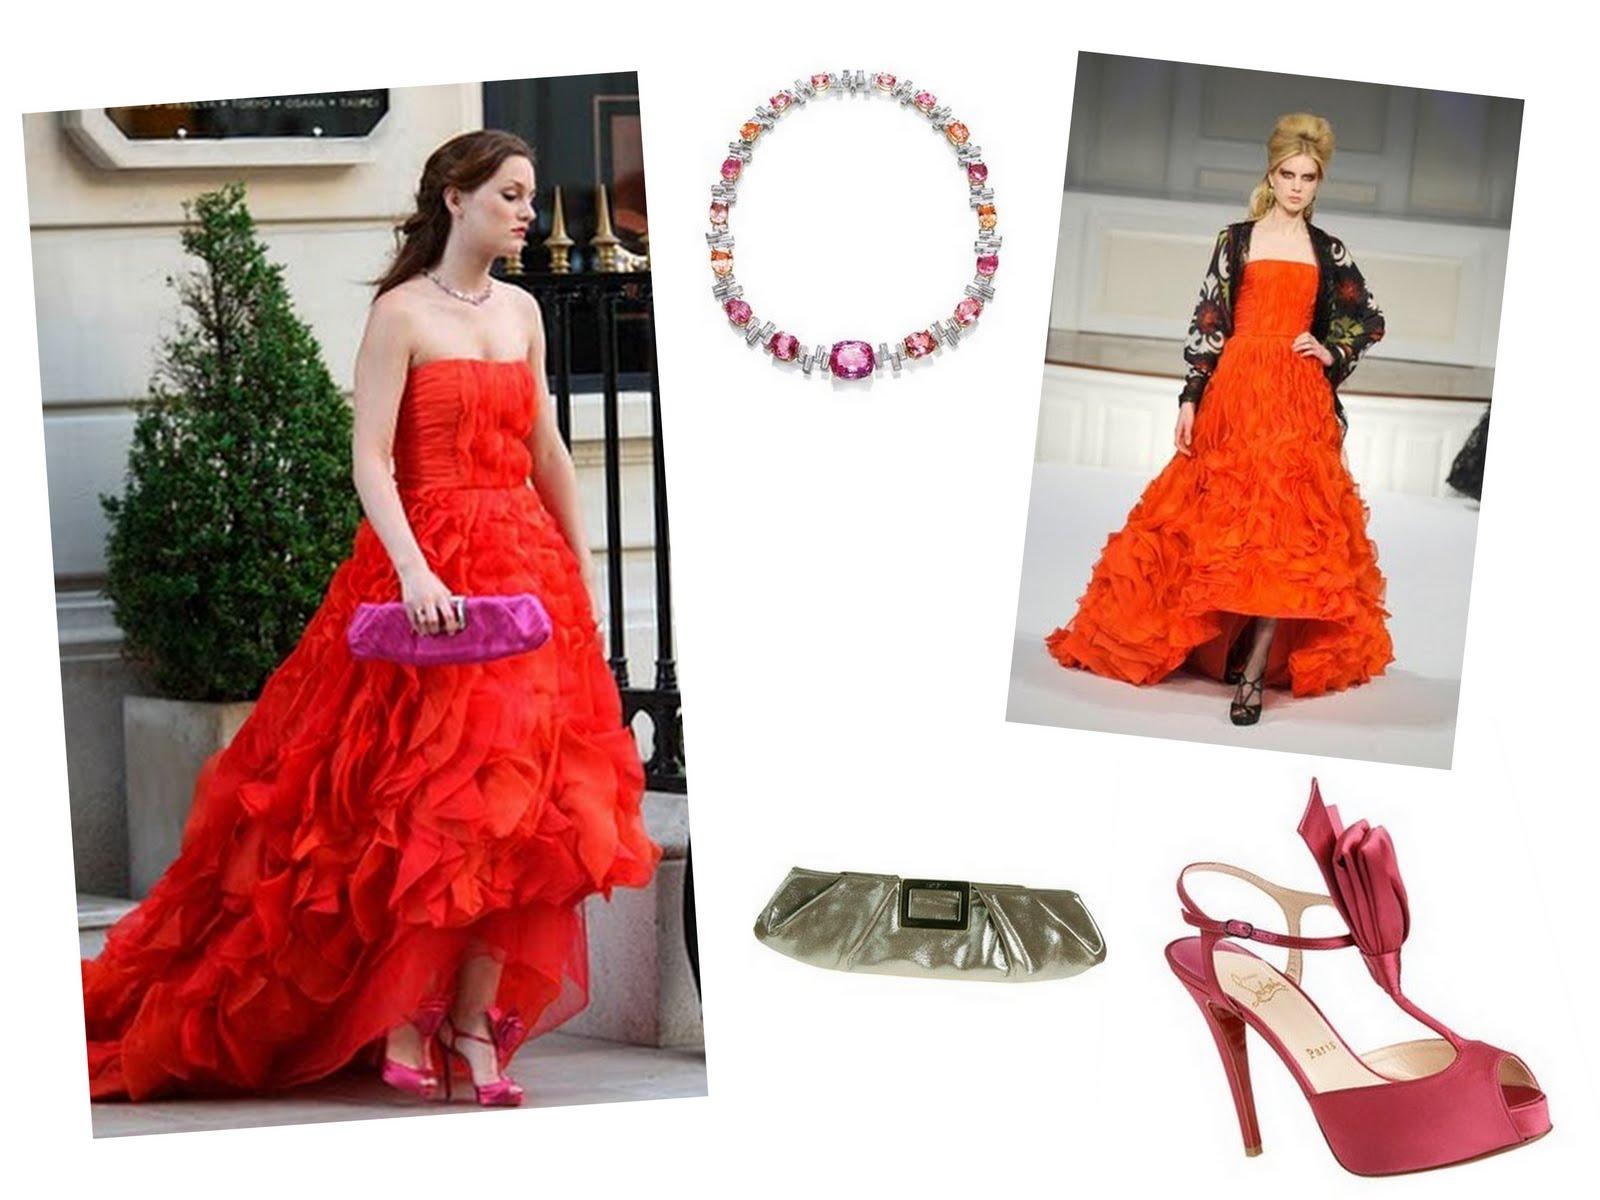 http://1.bp.blogspot.com/_gyvLoqGOgK8/TM3bxv2fxTI/AAAAAAAABZE/AxikoQDIqog/s1600/Blair+red+dress.jpg